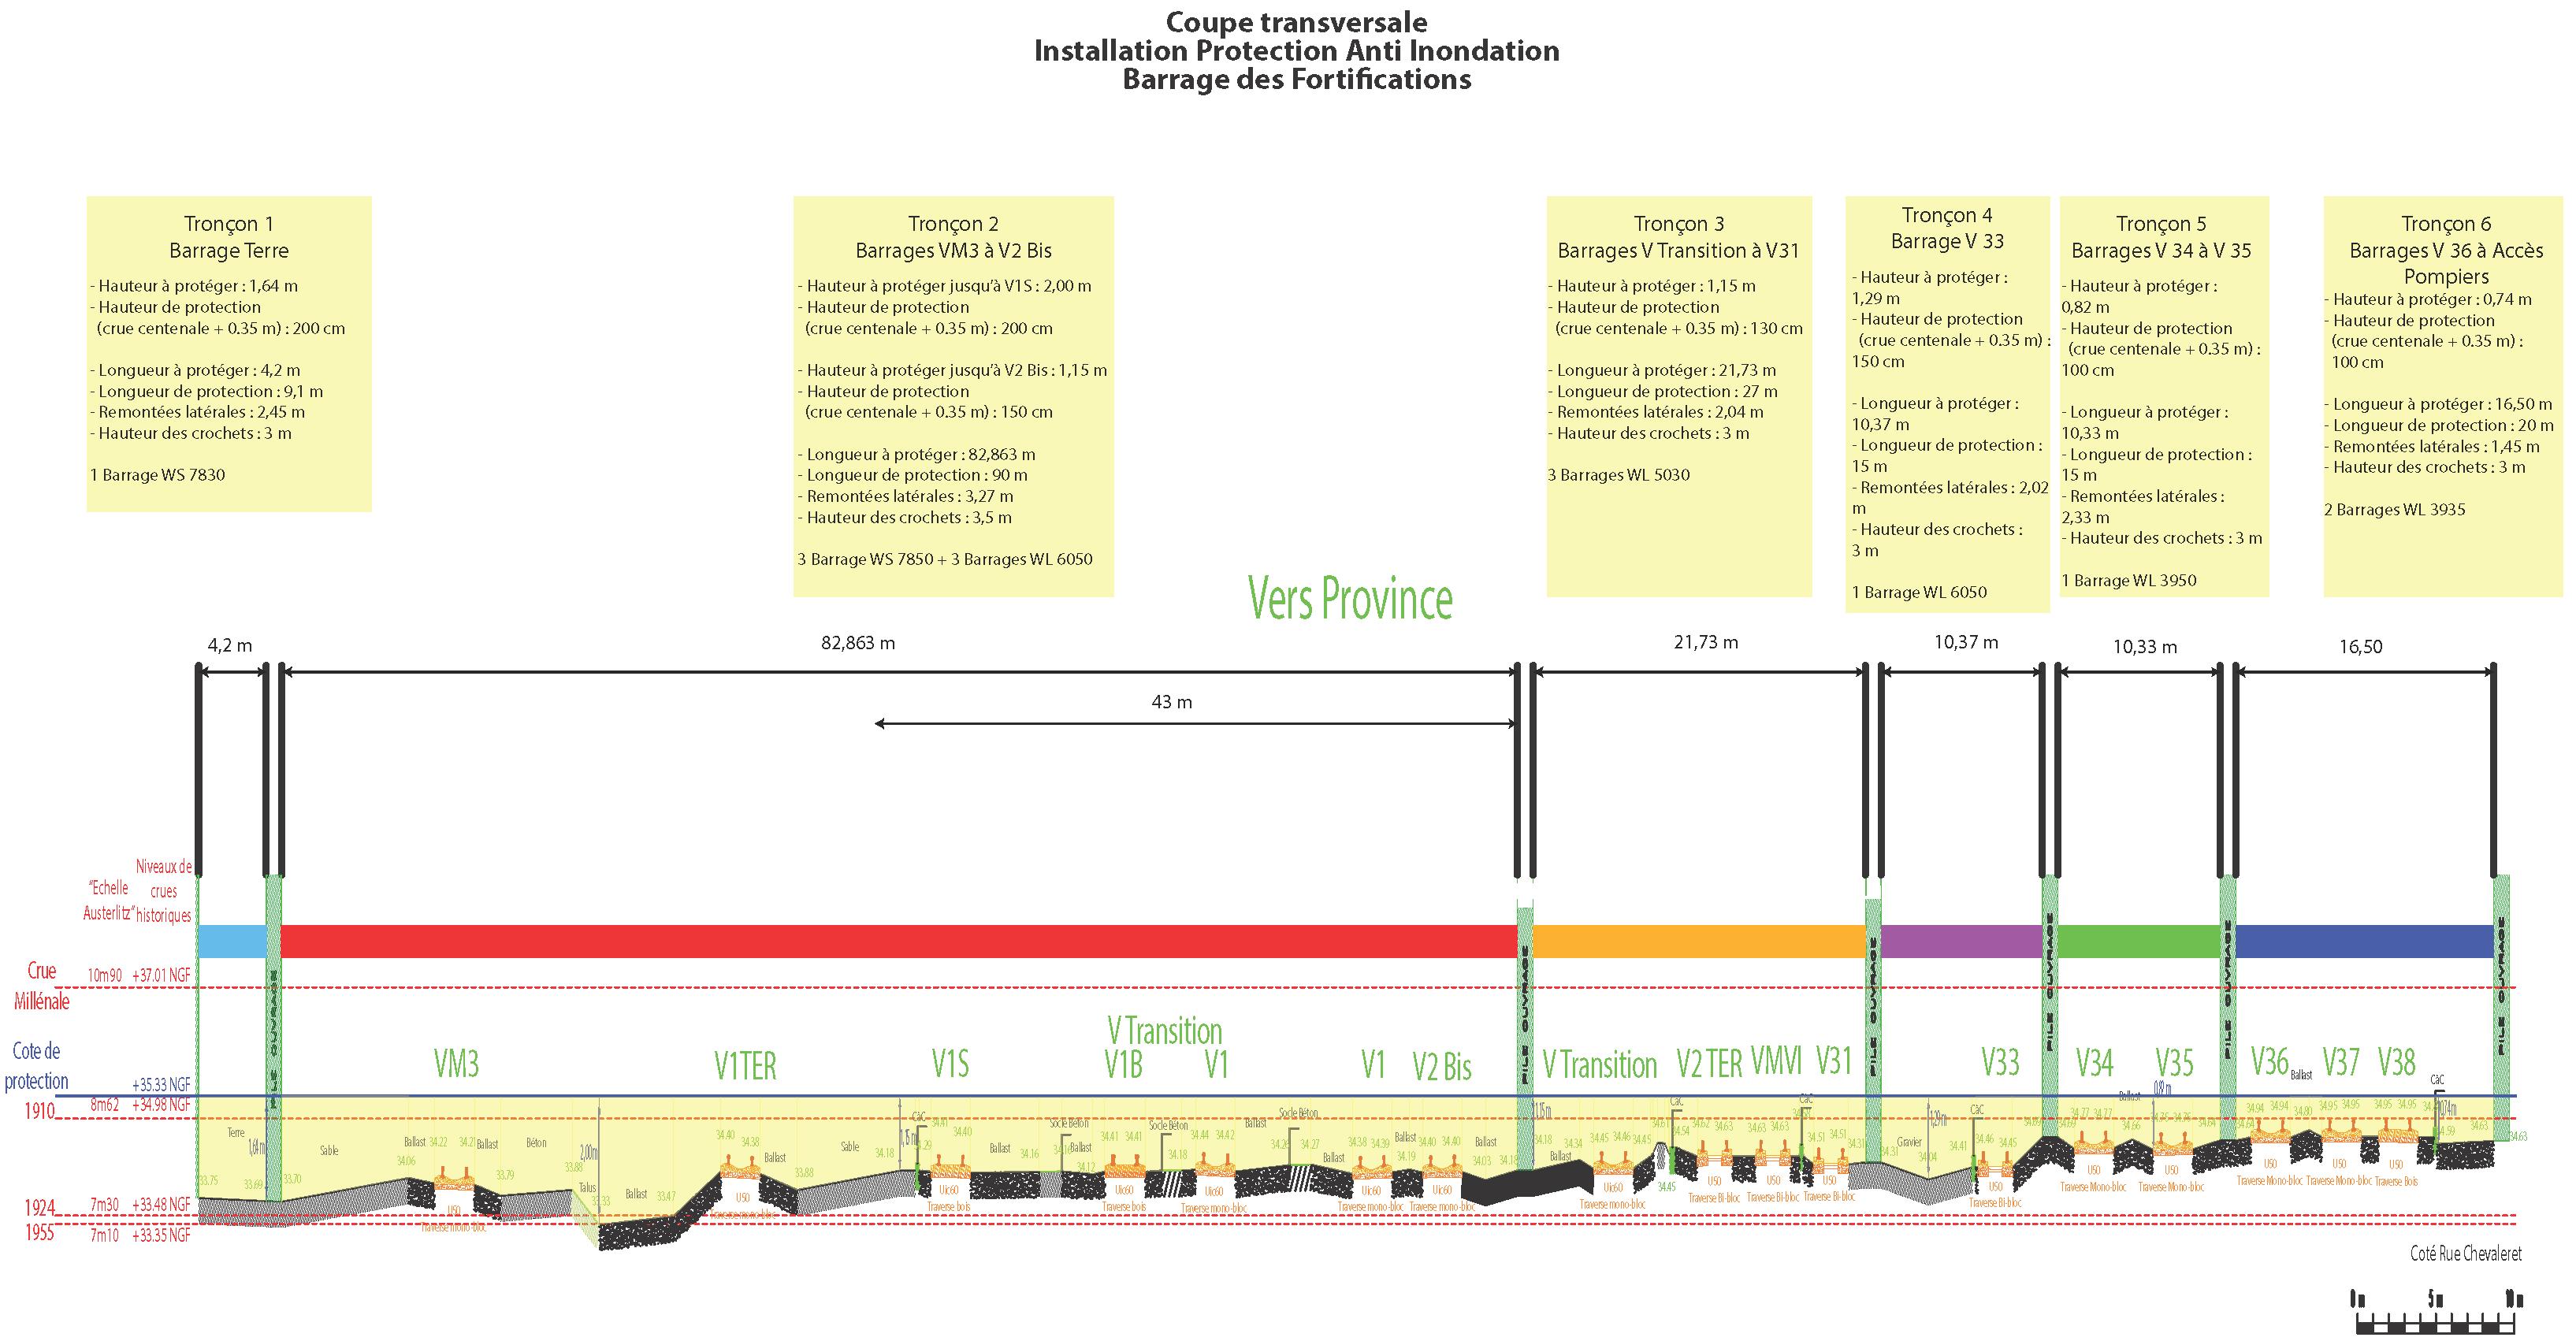 Översvämning RER C SNCF